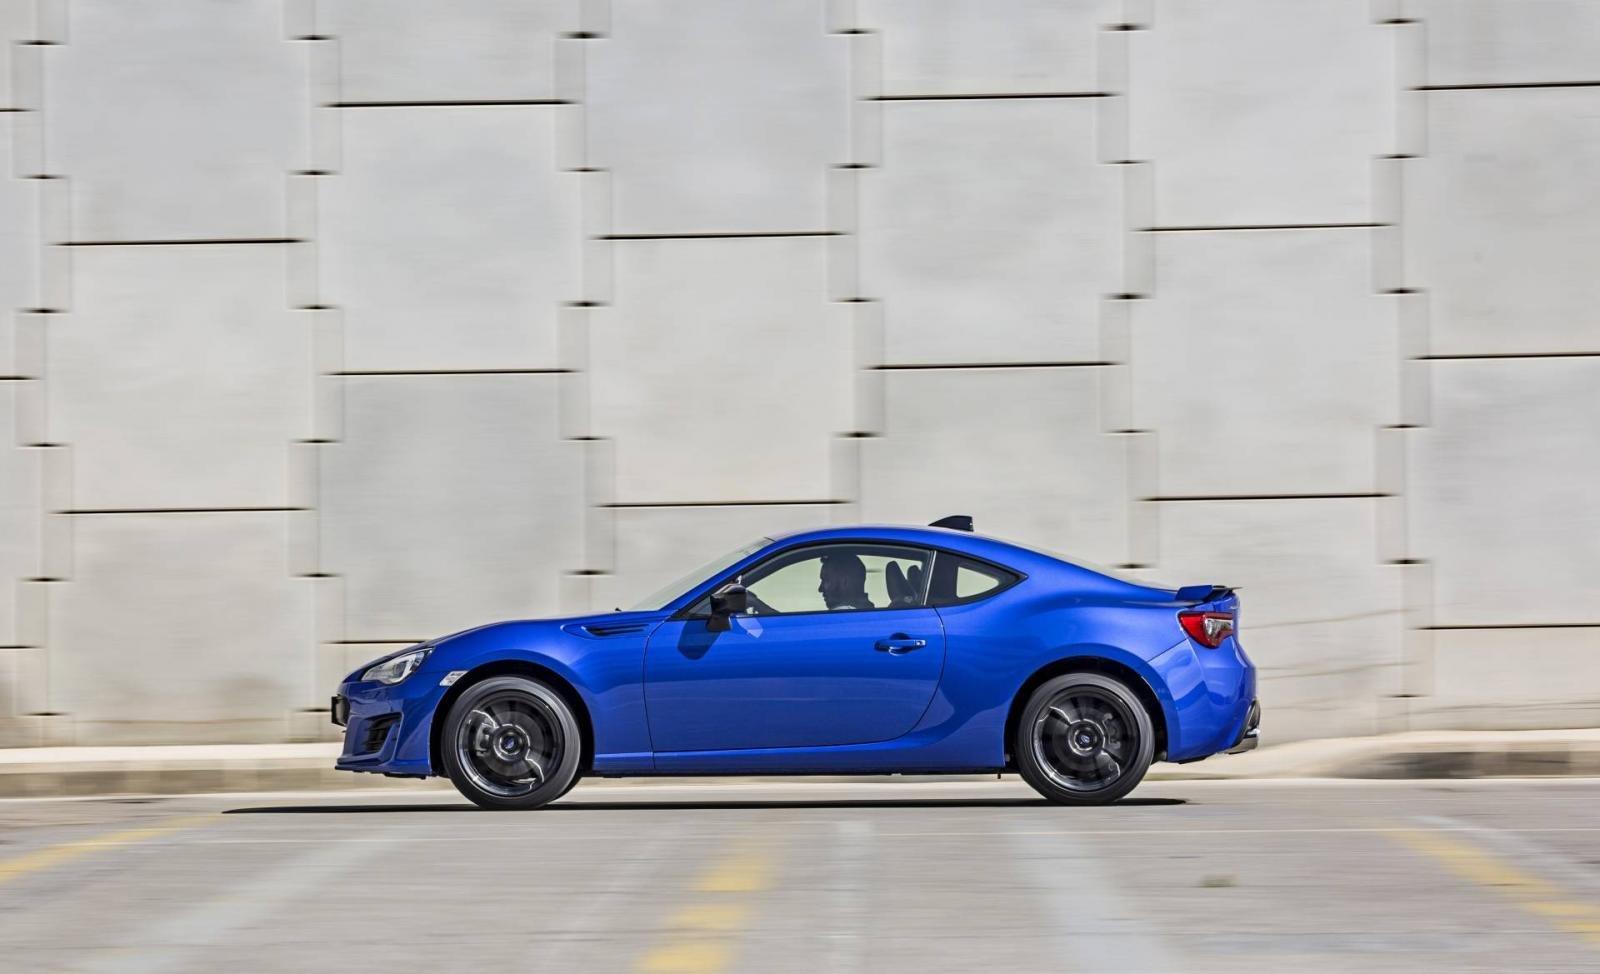 Subaru BRZ Special Edition sở hữu gương và bộ mâm hợp kim đen bóng.